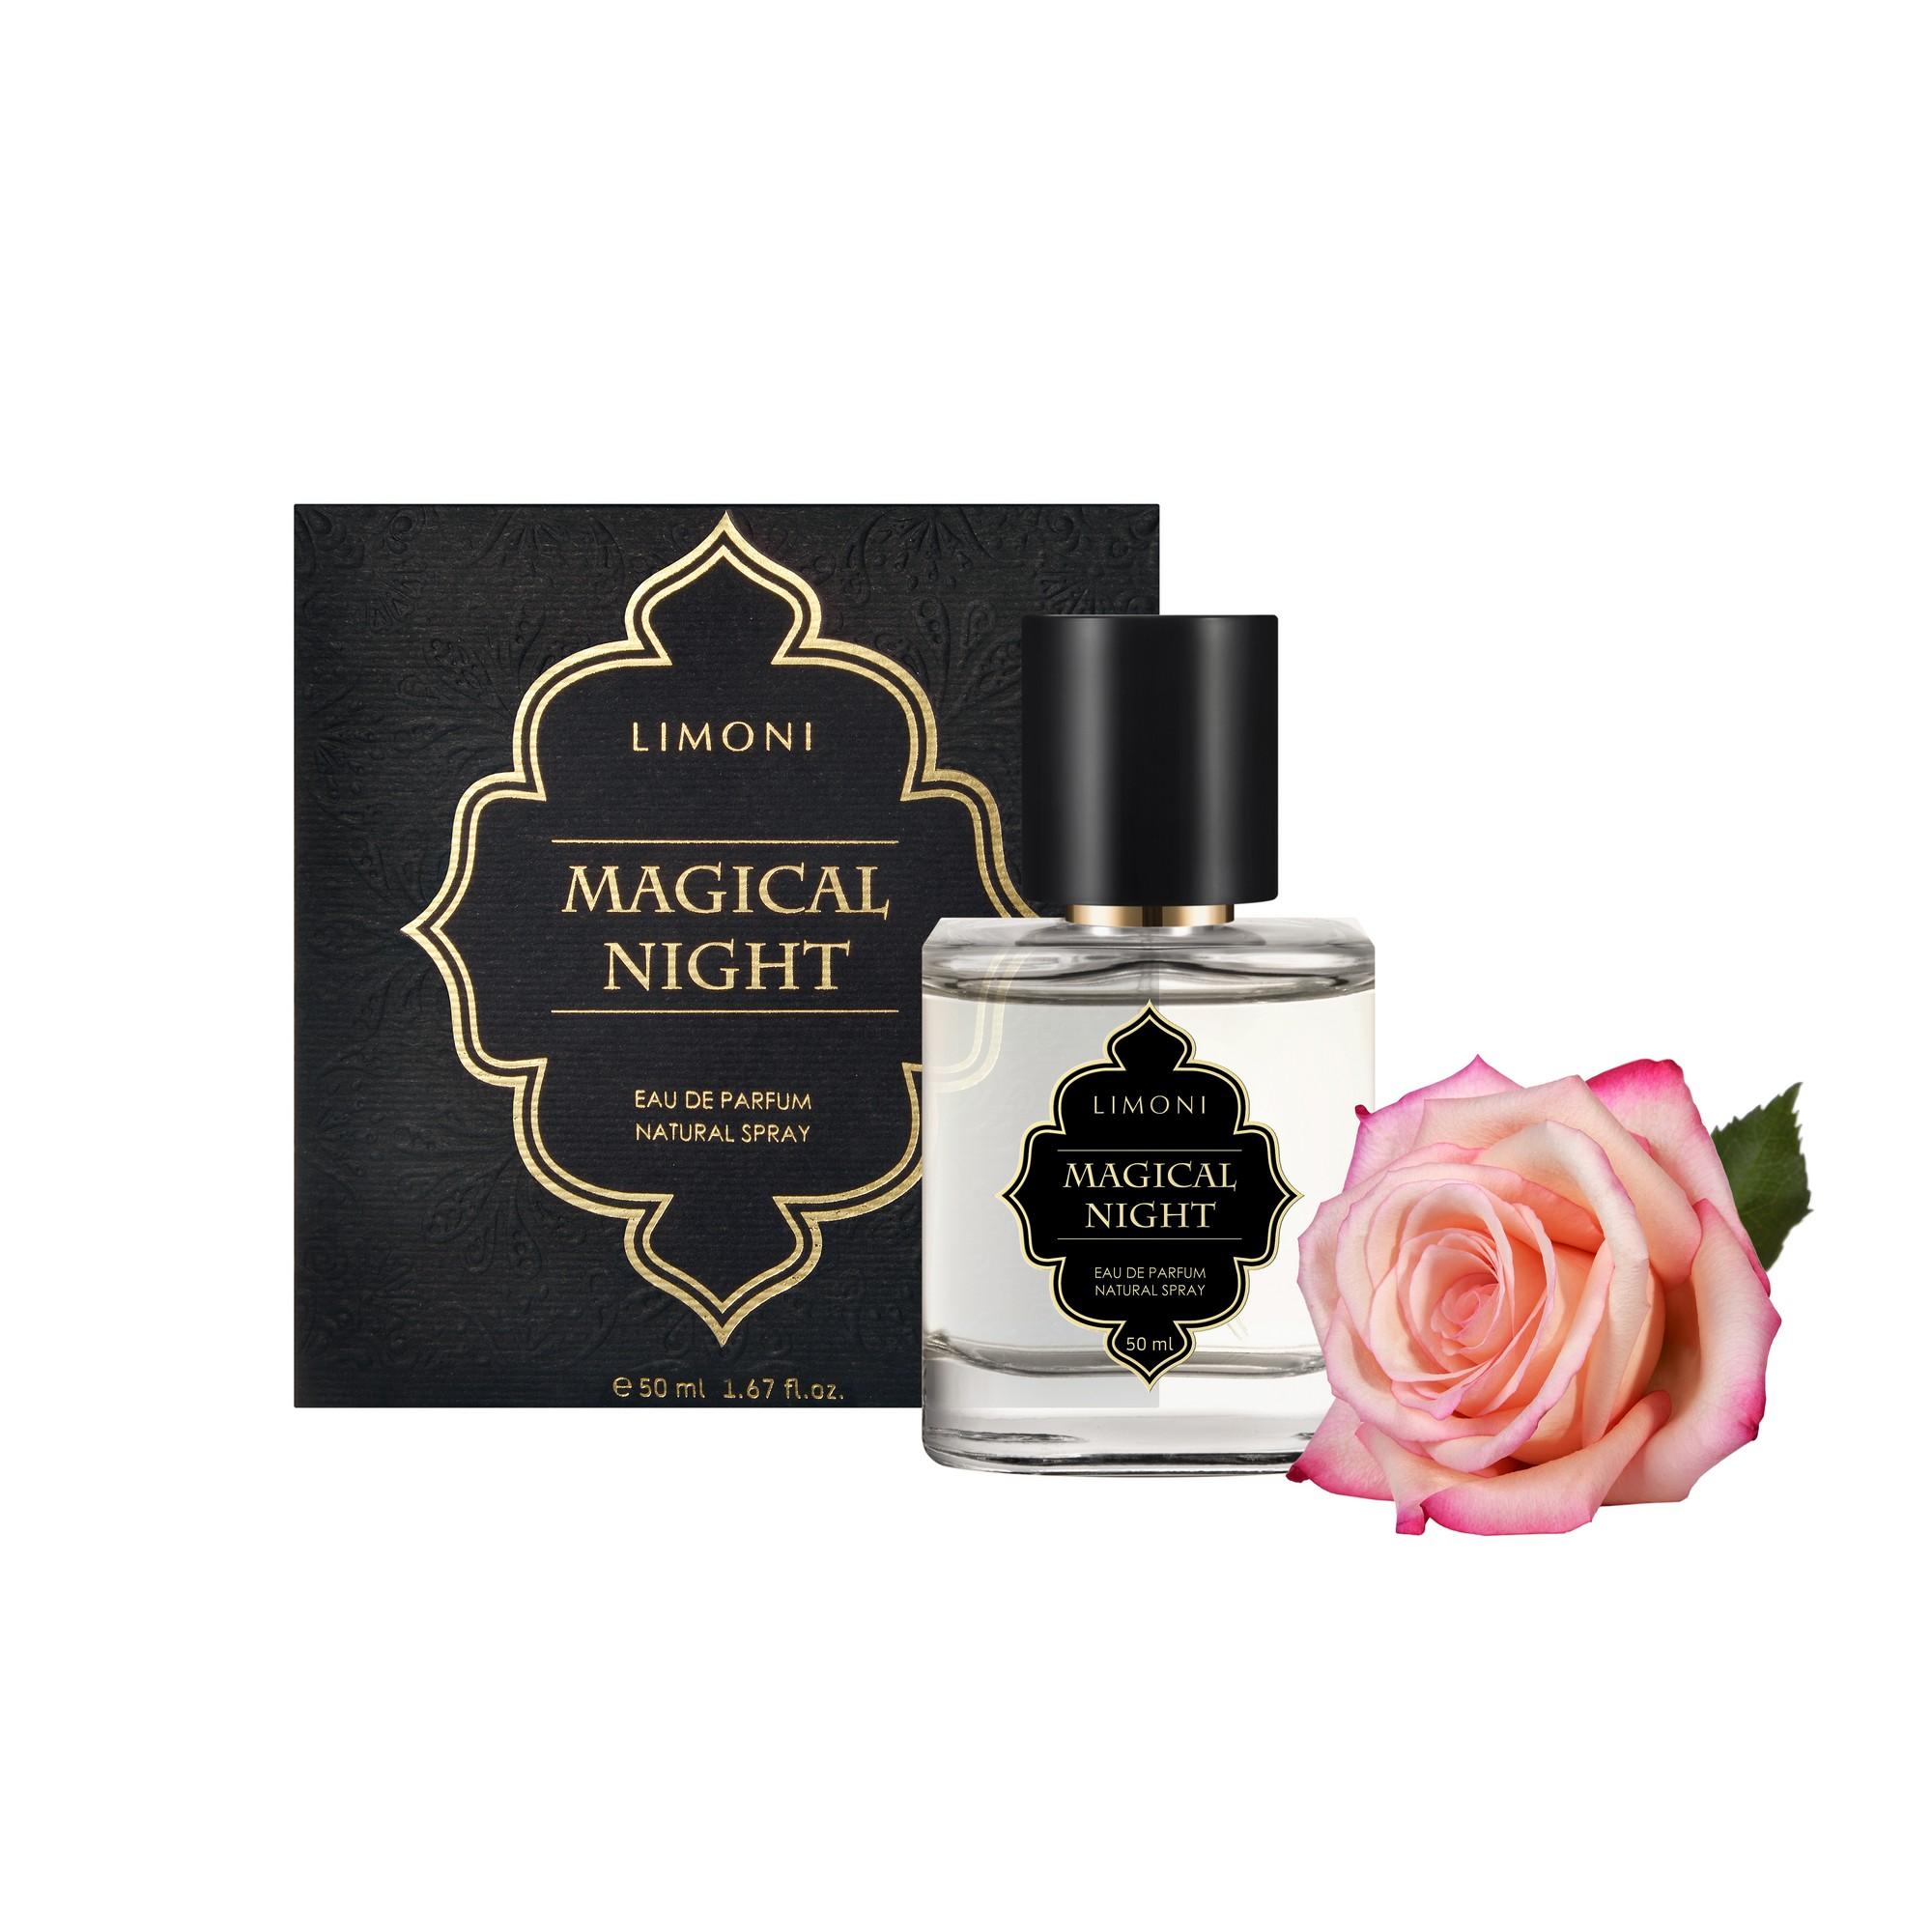 LIMONI Вода парфюмерная Magical Night / LIMONI Eau de Parfum, 50 мл